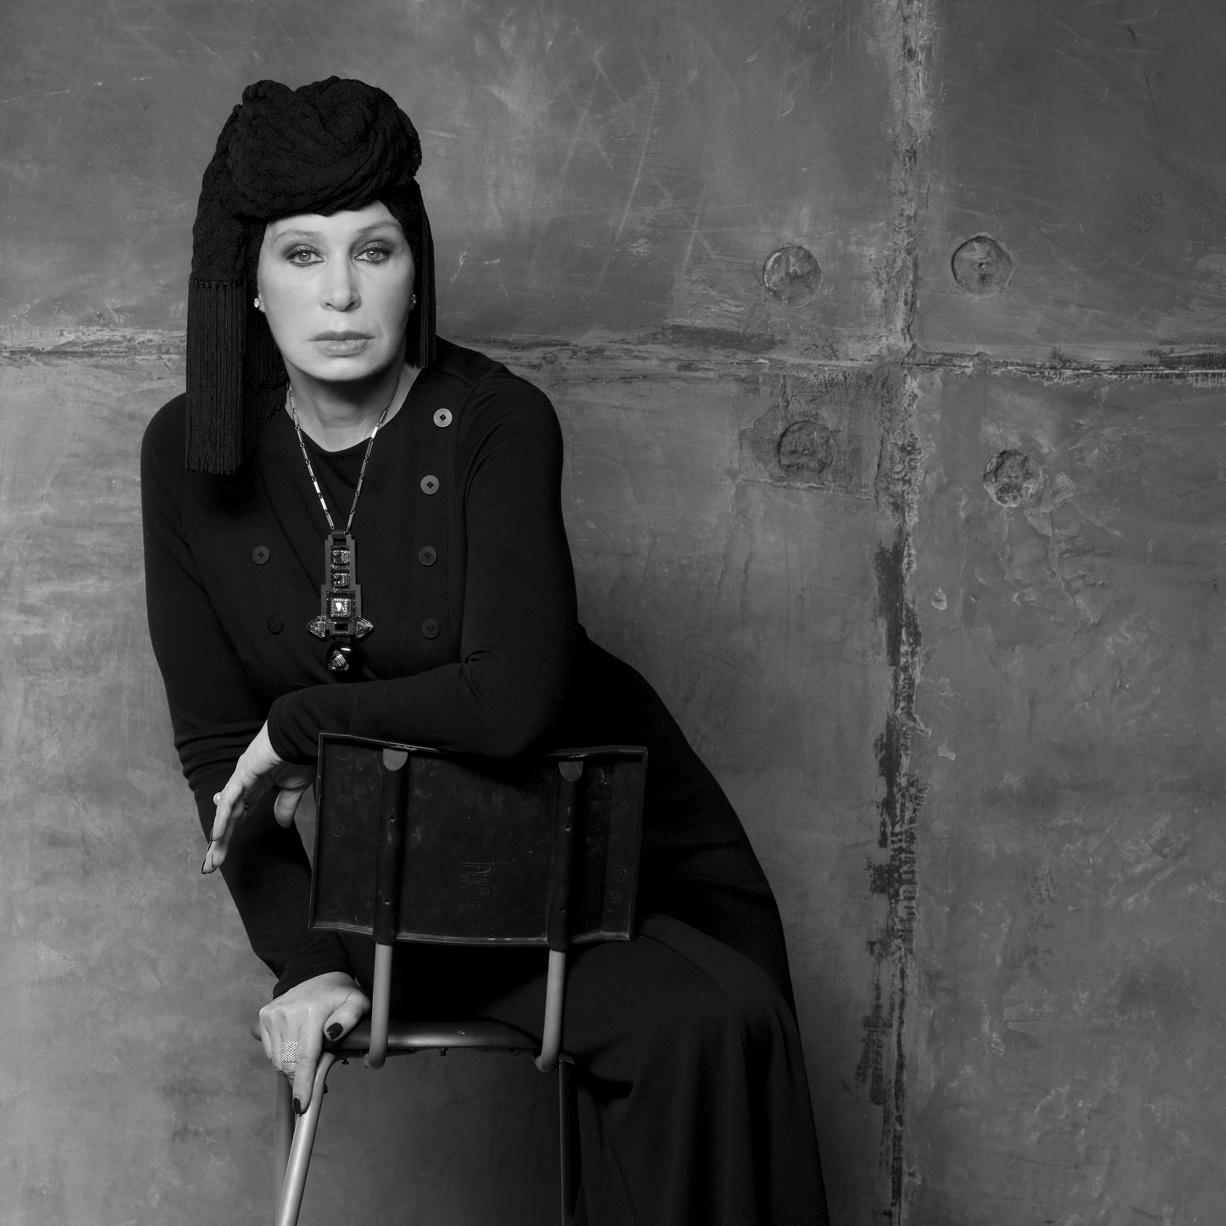 Татьяна васильева биография мужья и дети фото